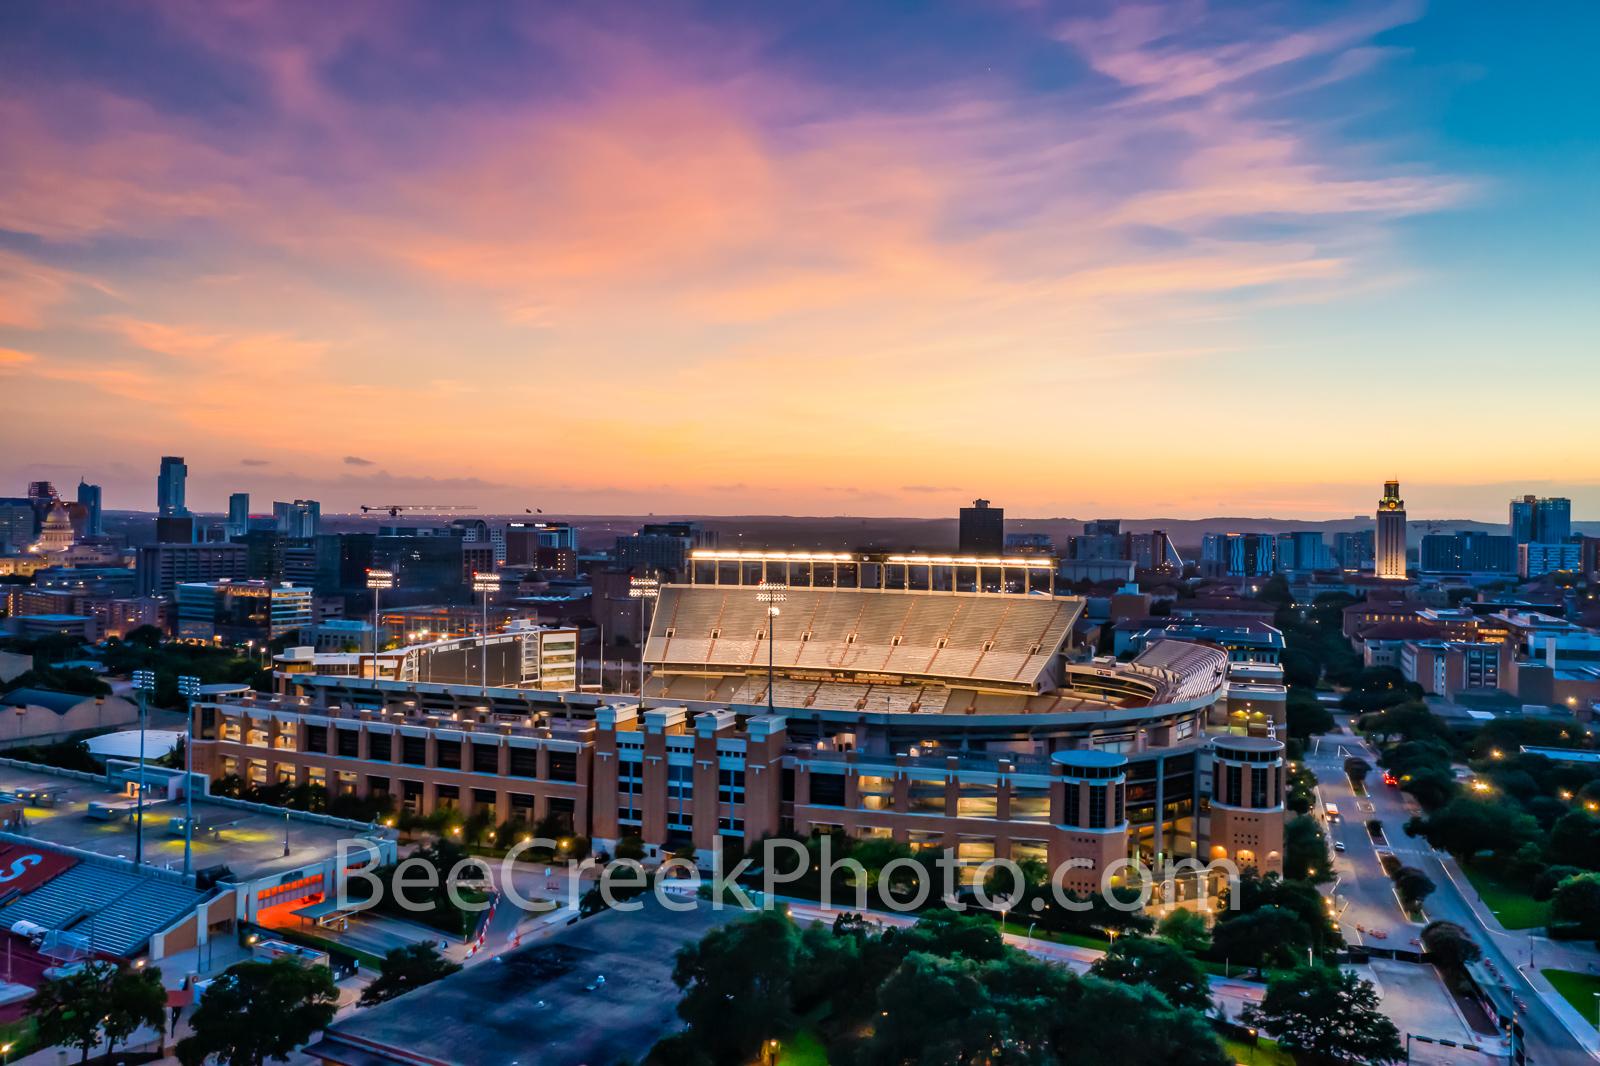 memorial stadium, austin, austin texas, aerial capture, aerial, downtown austin, ut stadium, stadium, texas capitol, sunset...